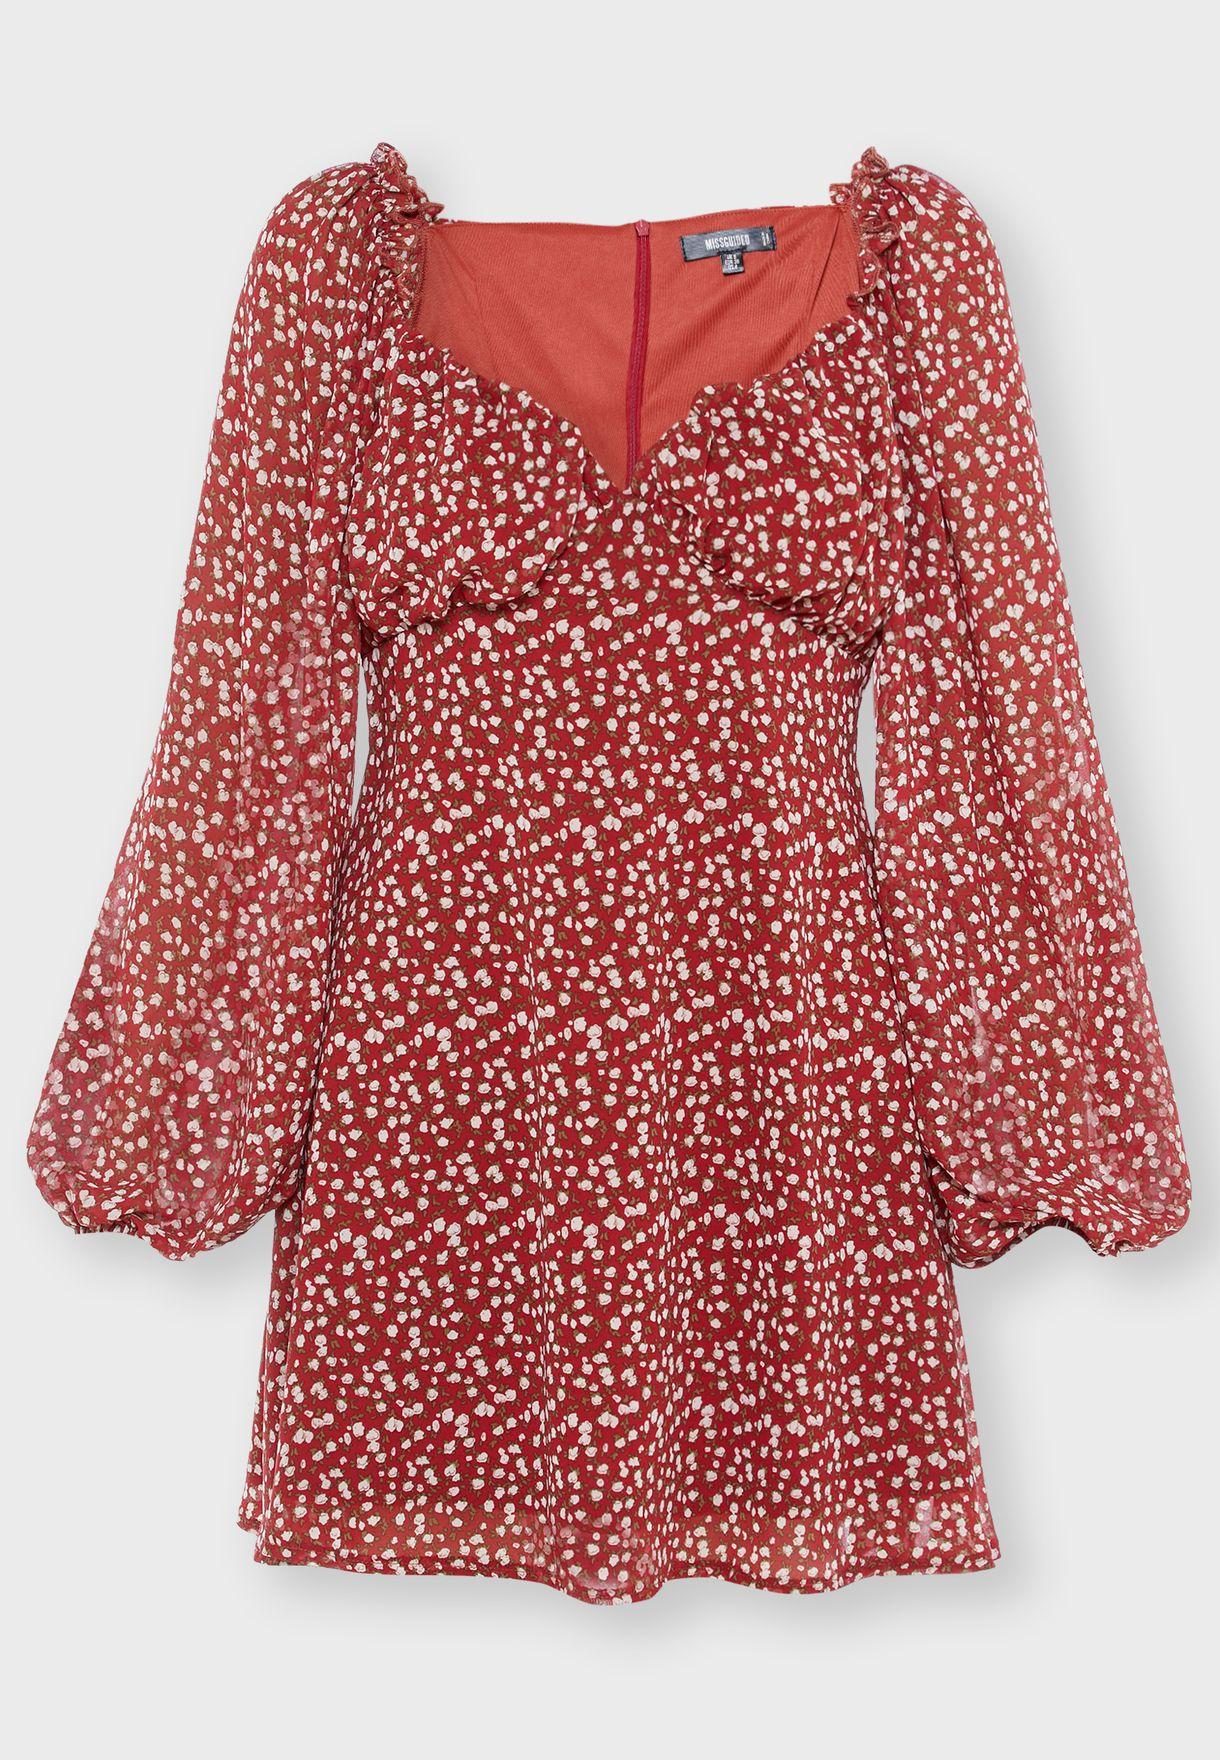 فستان بياقة قلب وطبعات ازهار صغيرة